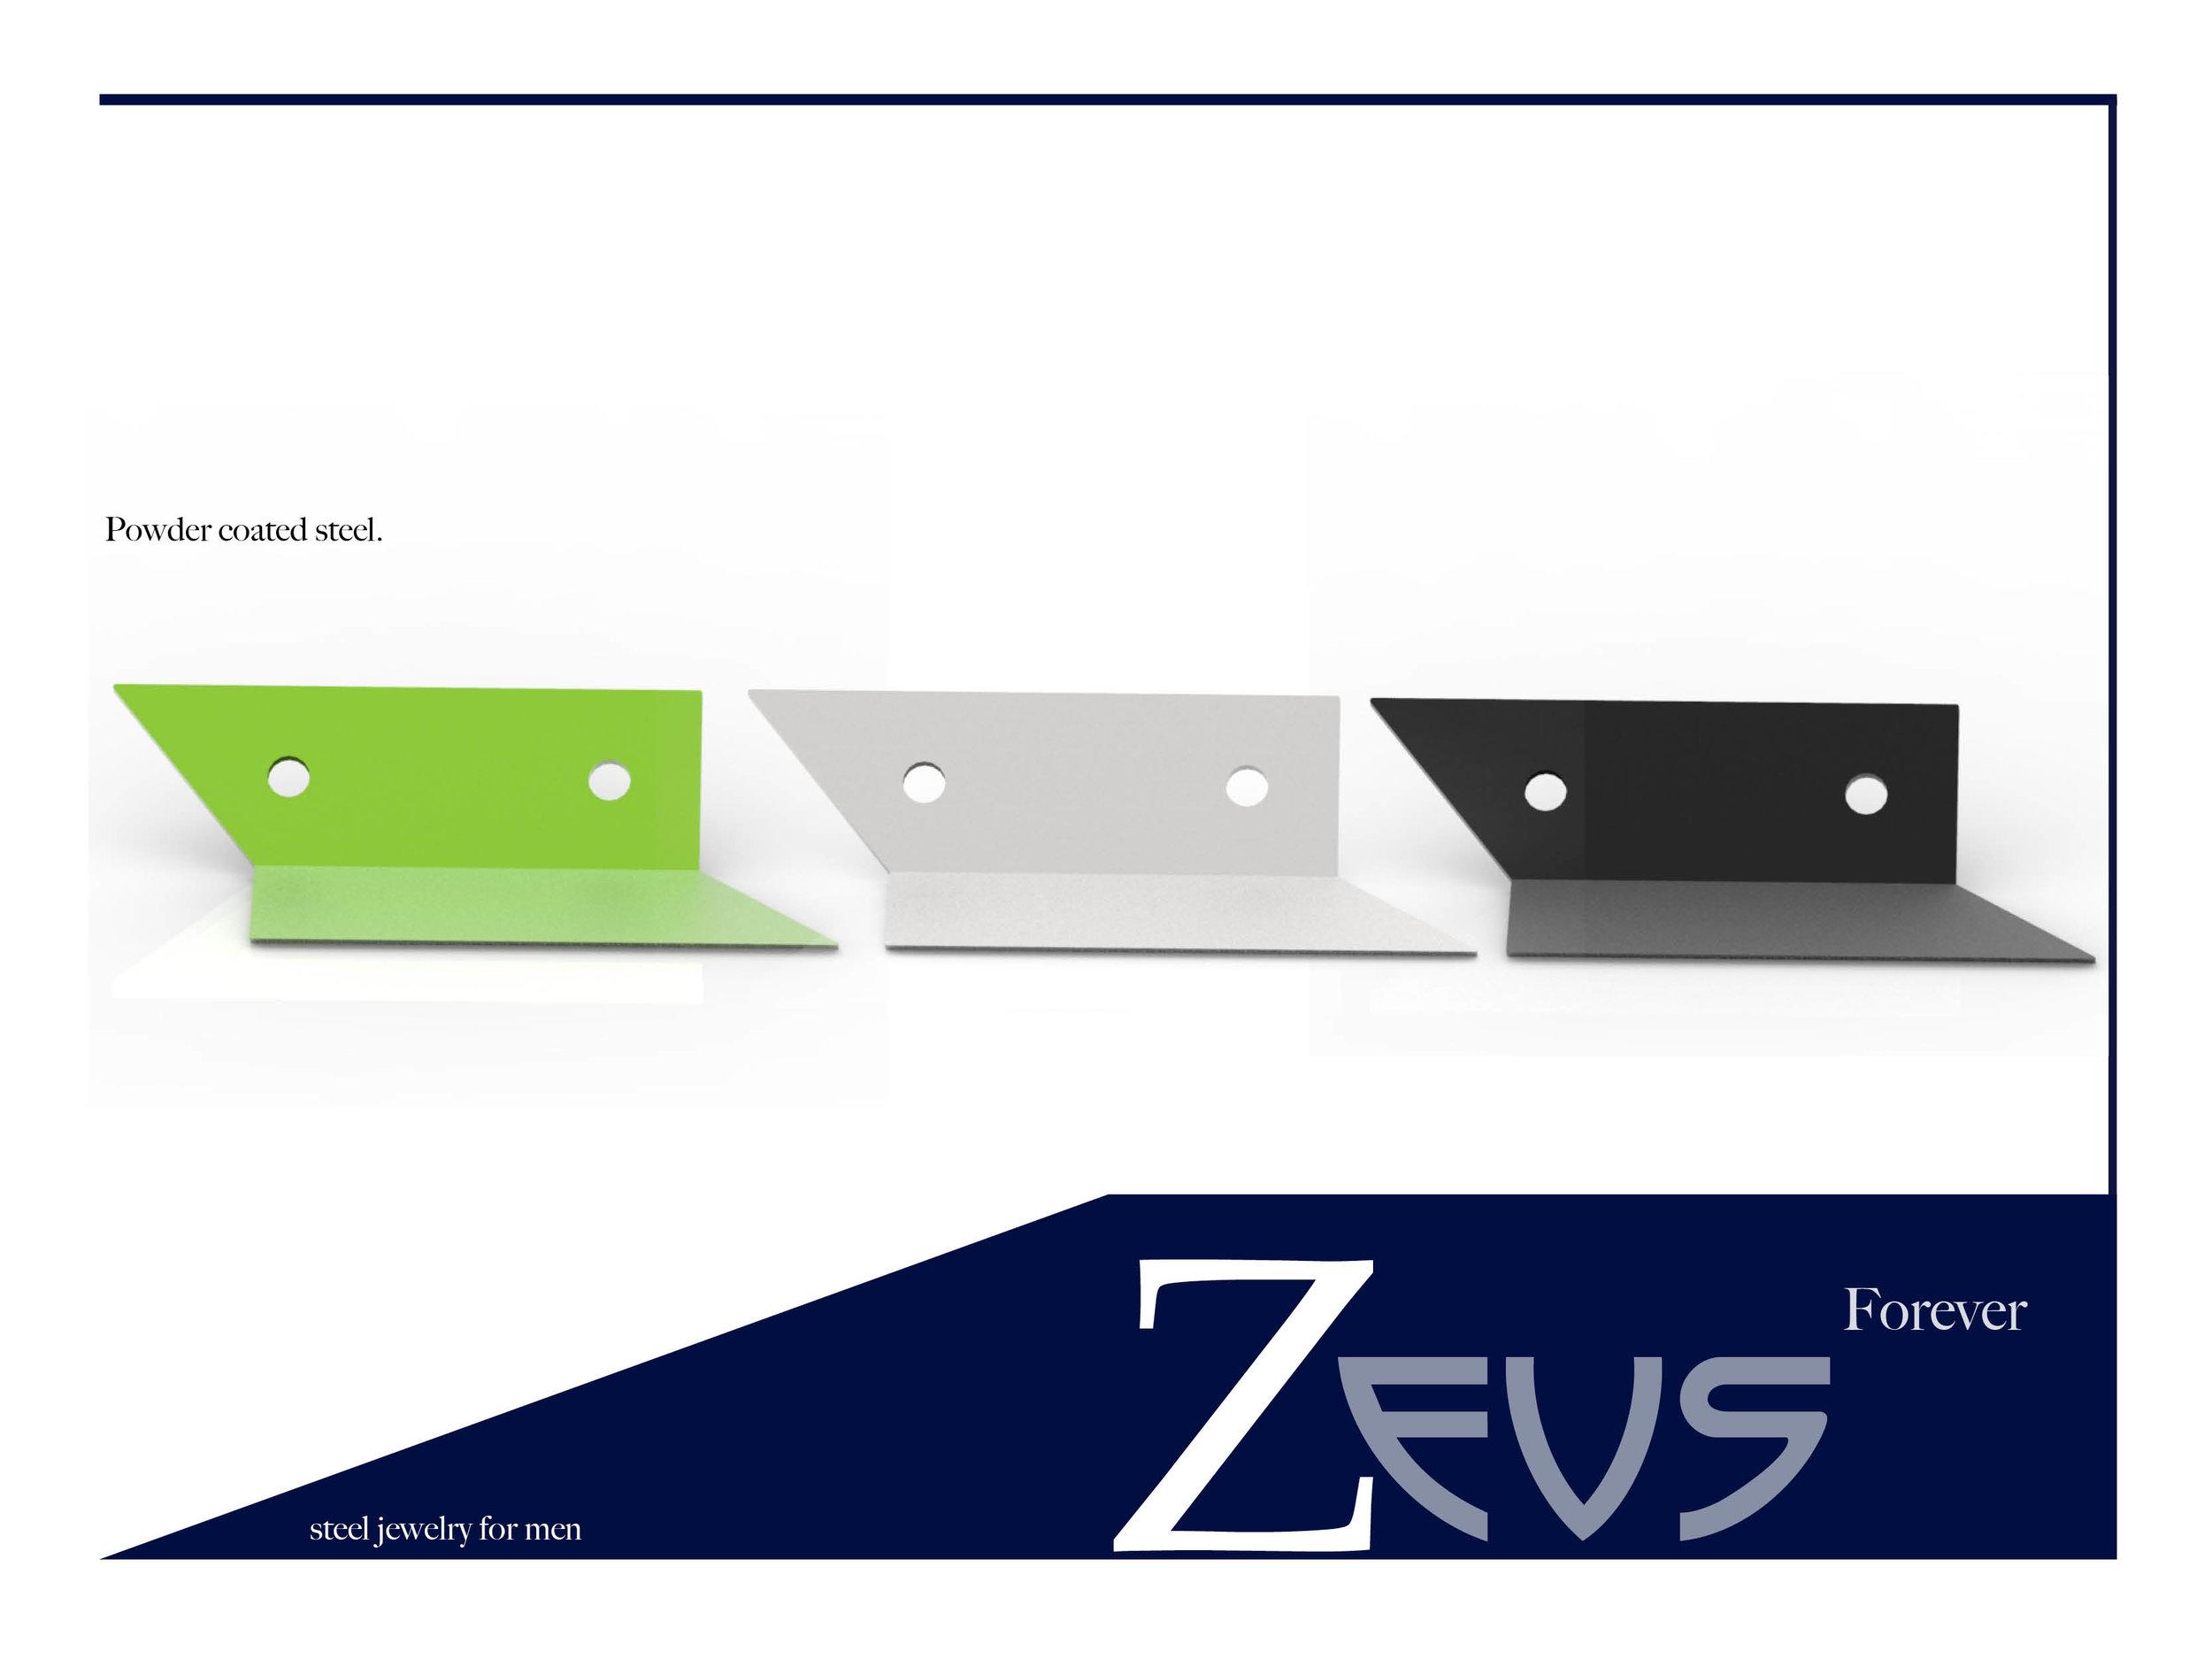 Z-jewlery colorslayout.jpg